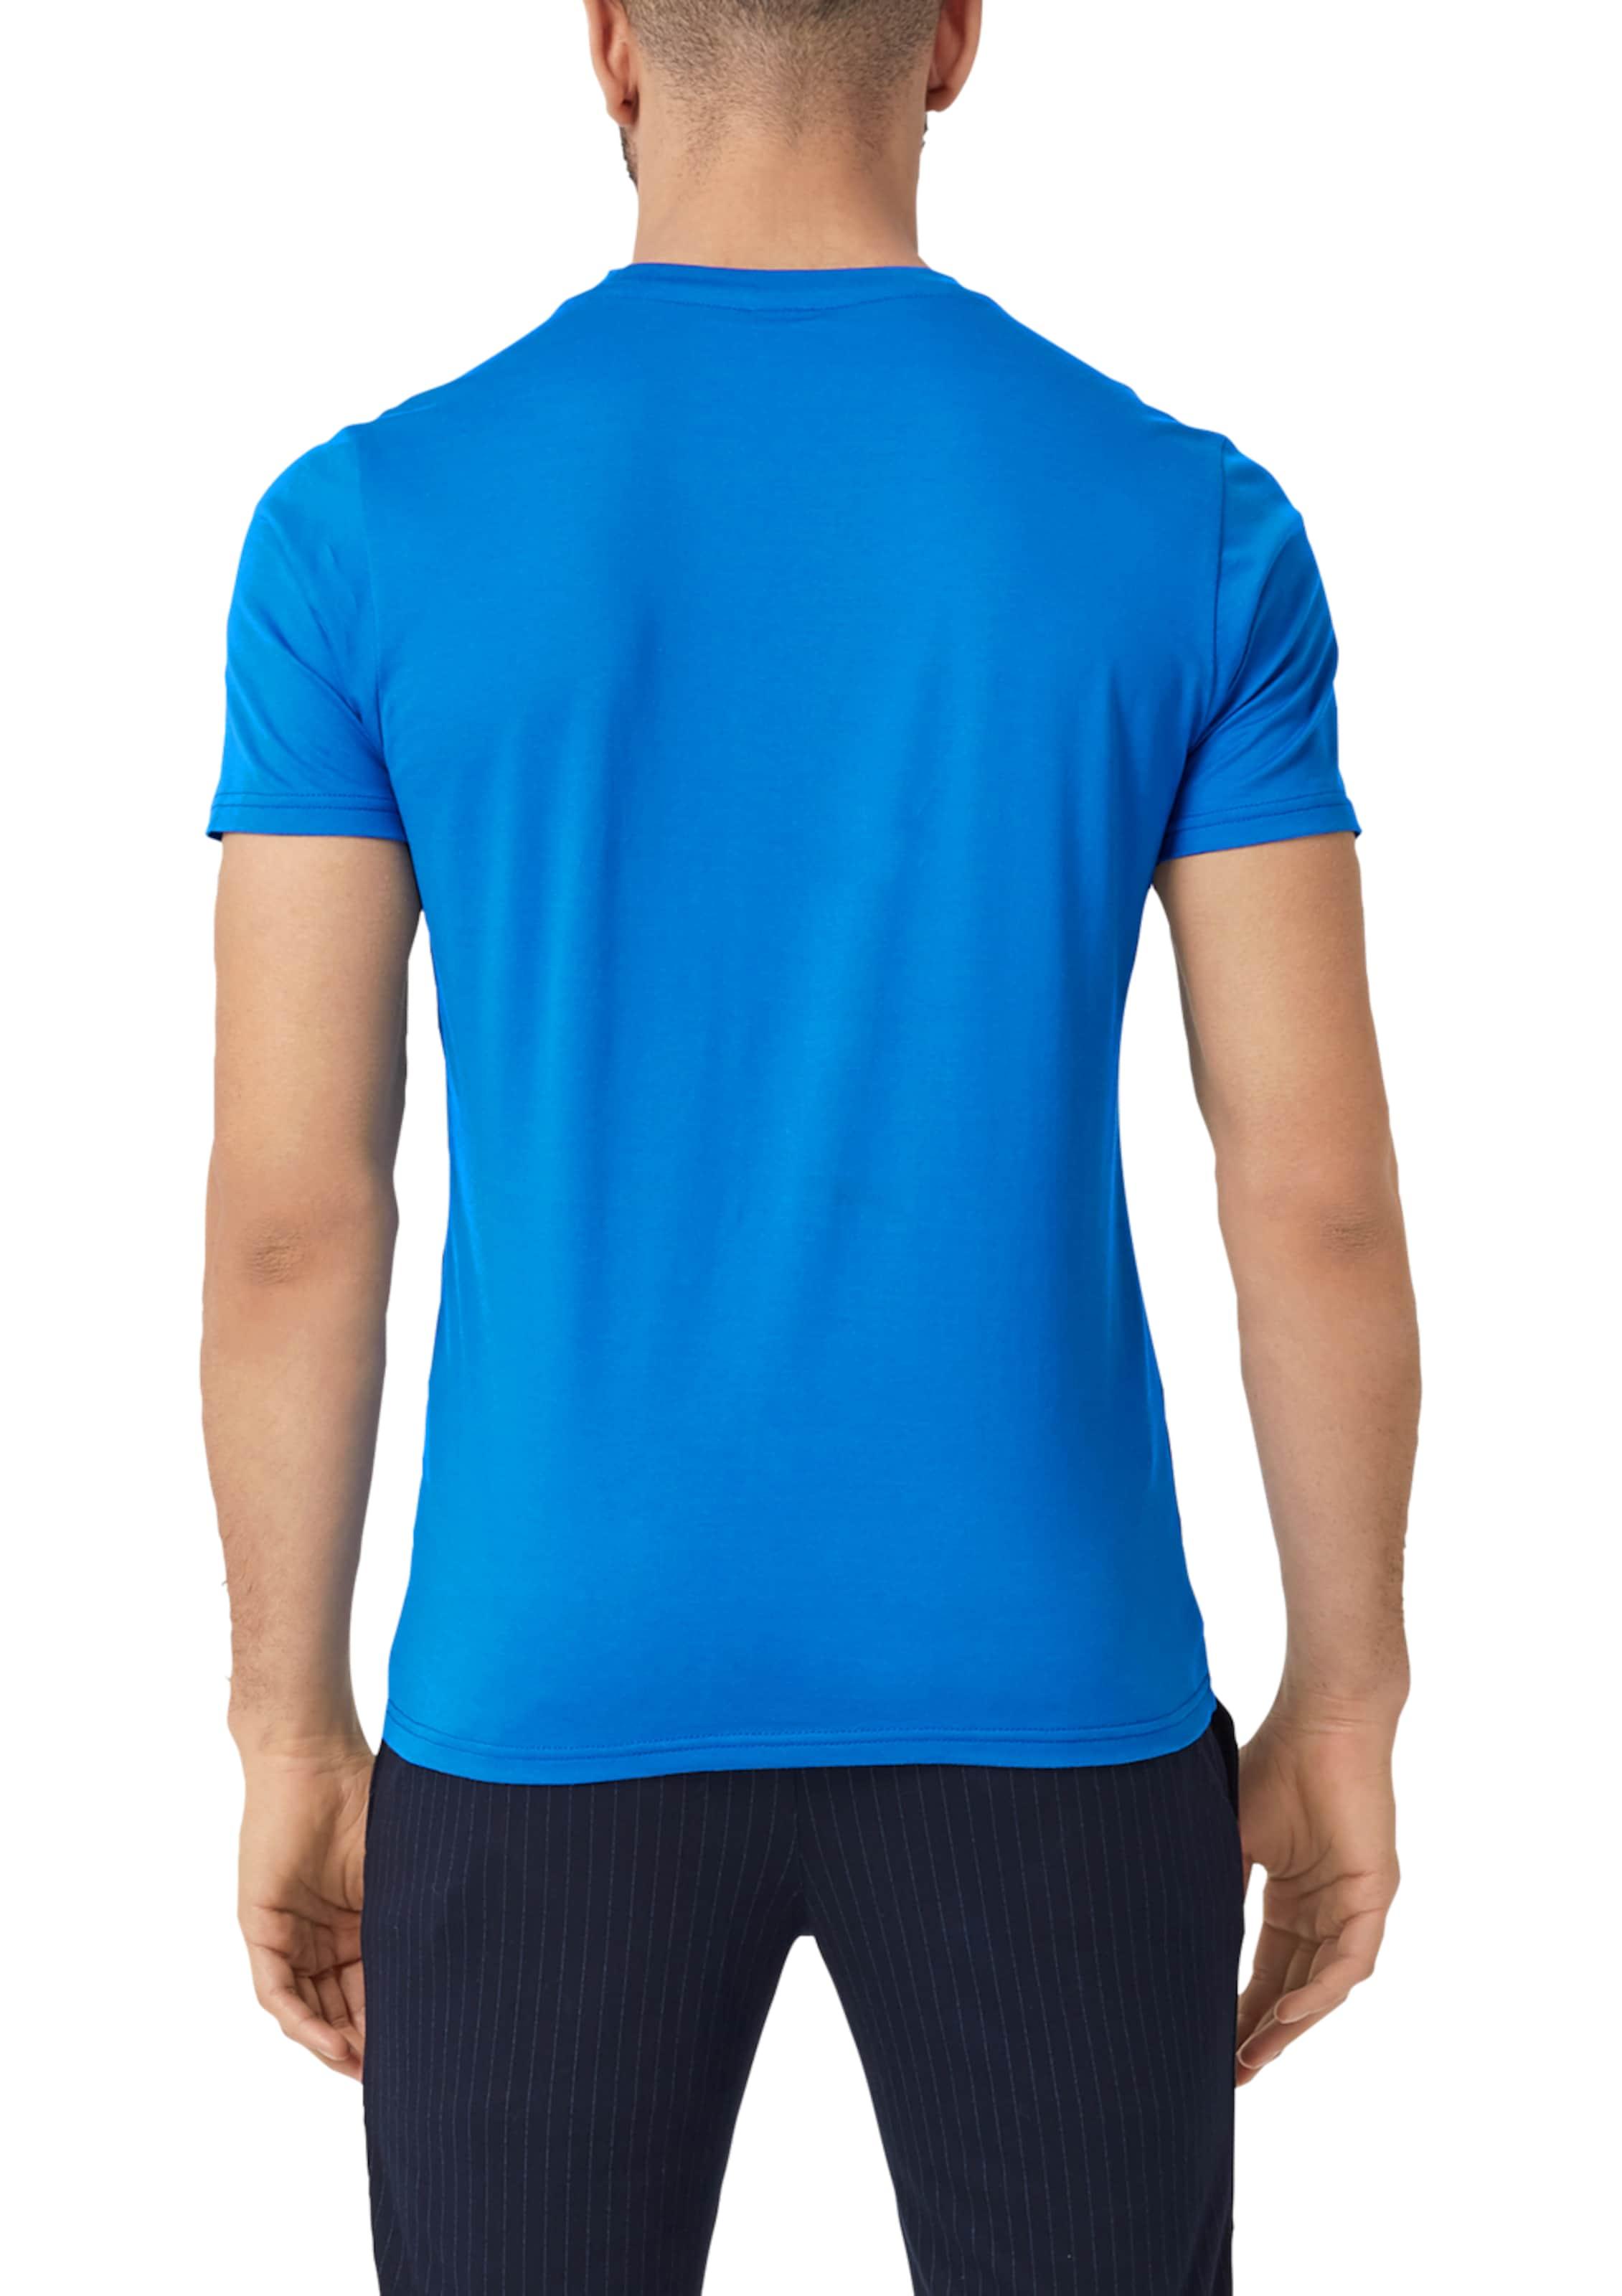 Label Wording S oliver Black Jerseyshirt 3d In Blau Mit redBxWCo